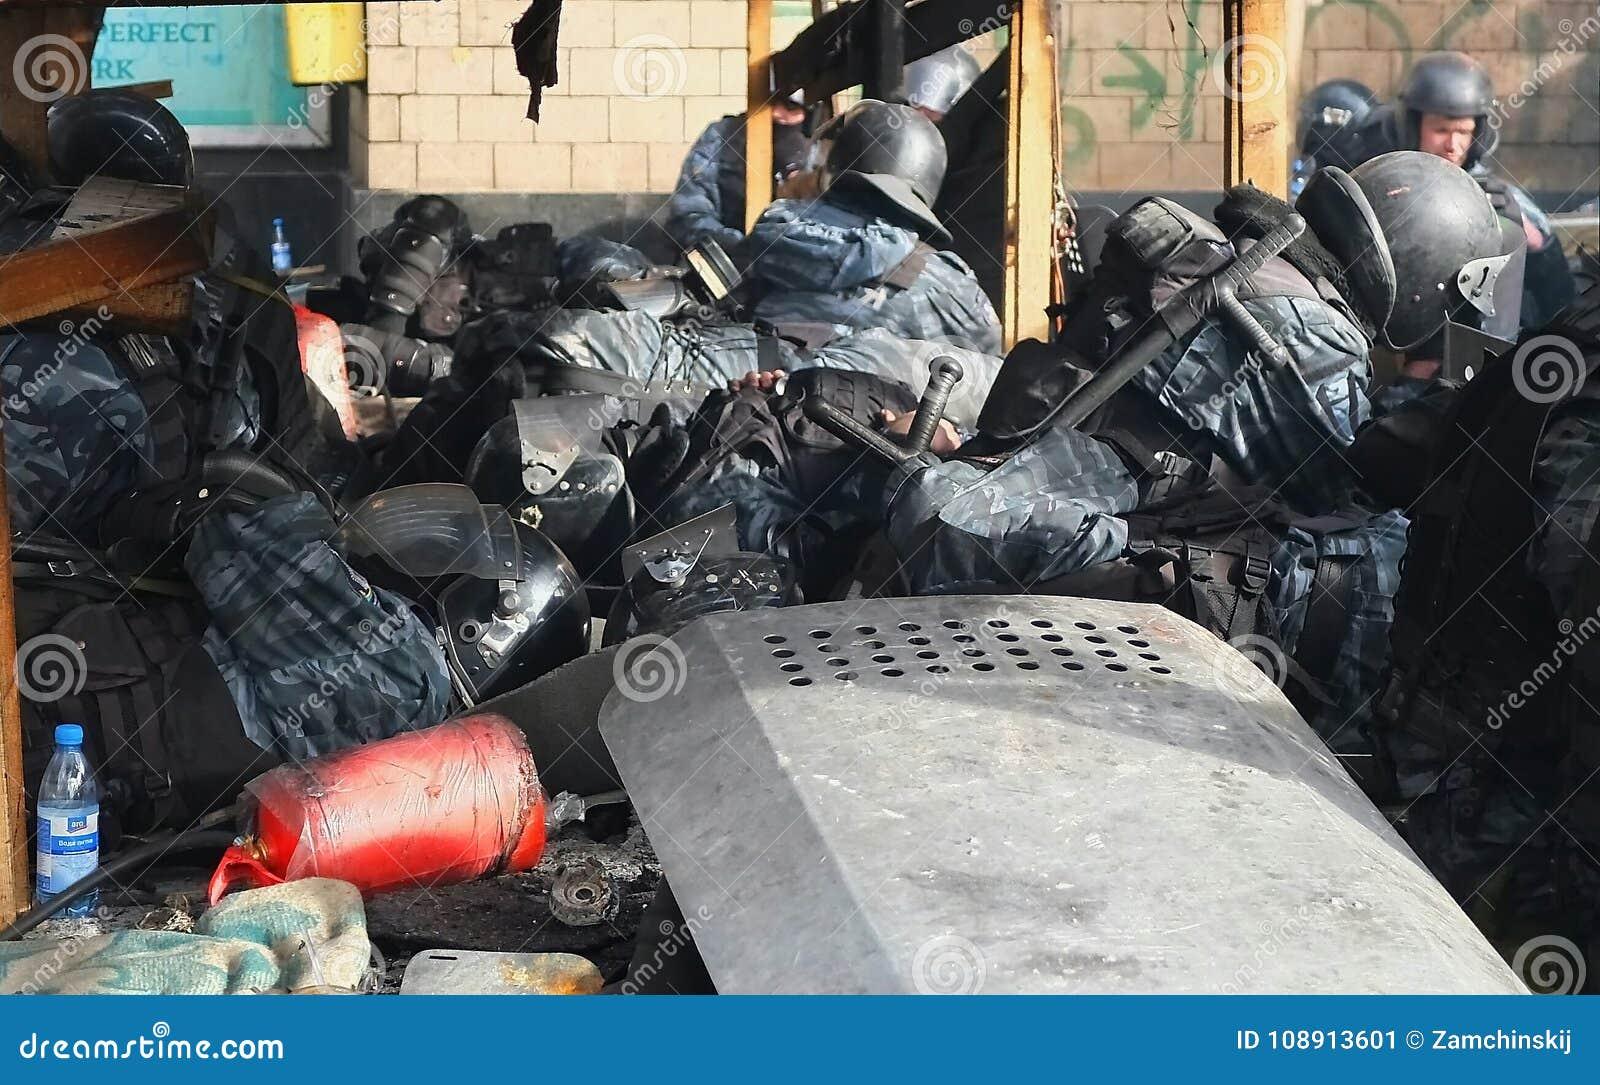 Ukraine, Kiev. Street protests in Kiev on the Maidan, tired police.